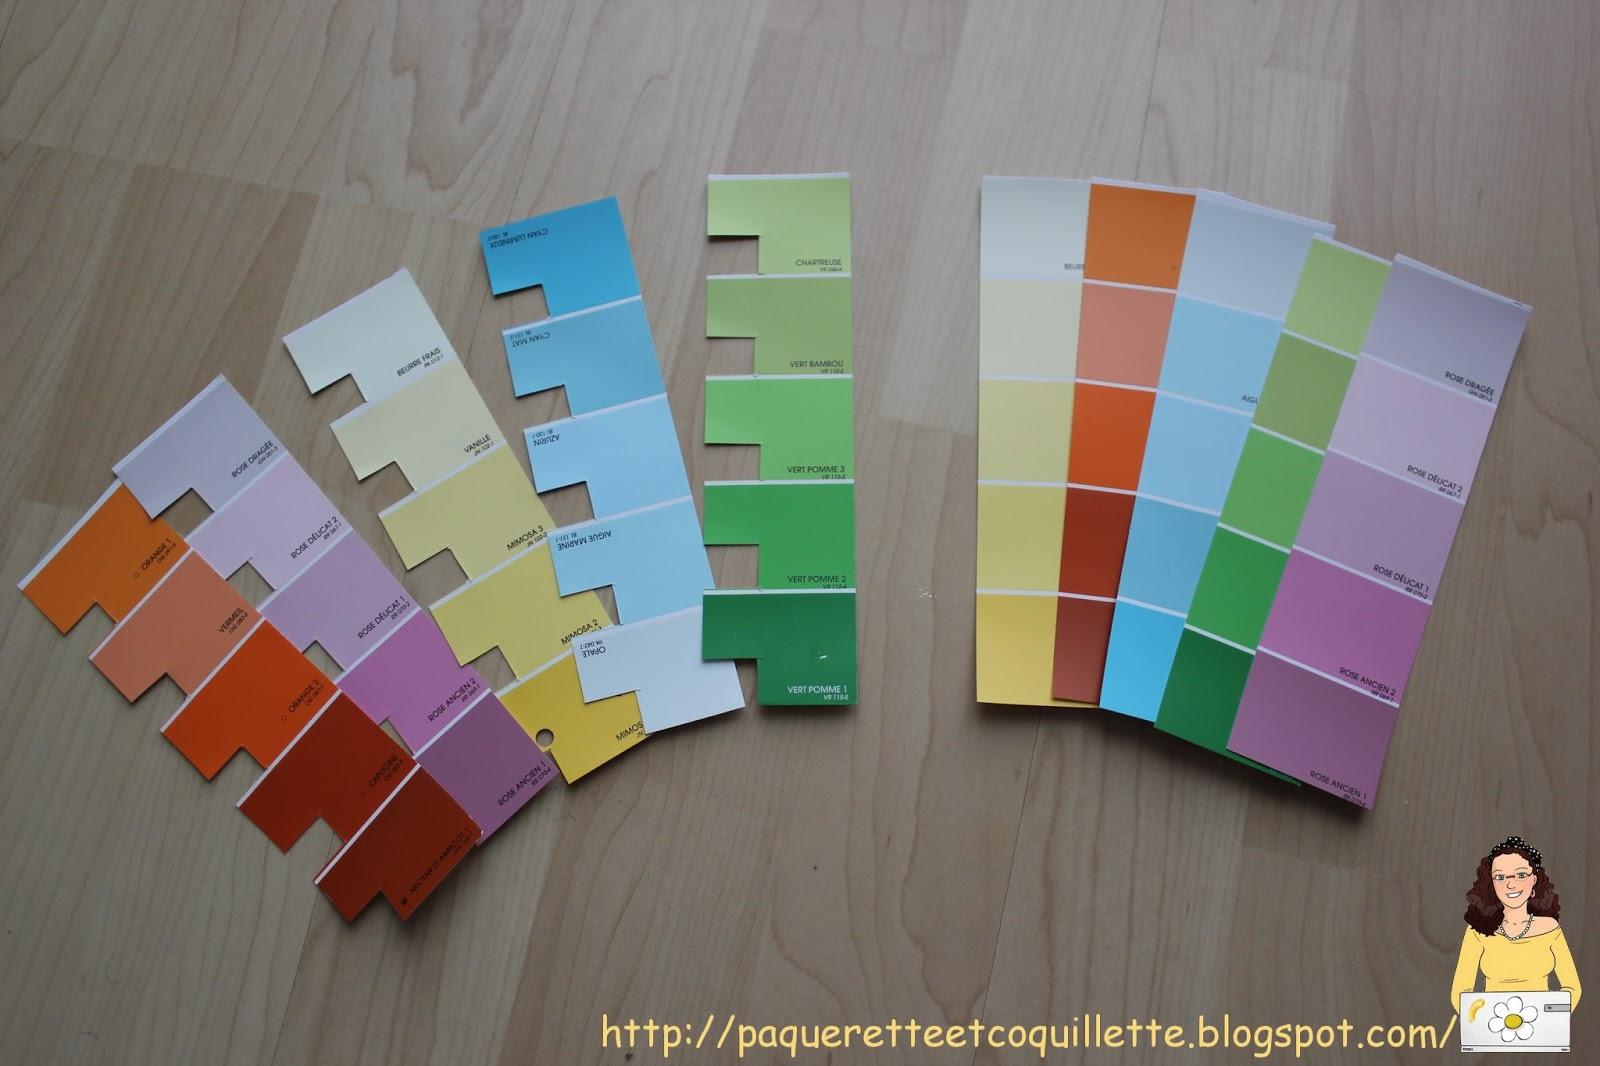 paquerette et coquillette  activit u00e9 montessori   reconnaitre et associer des nuances de couleurs